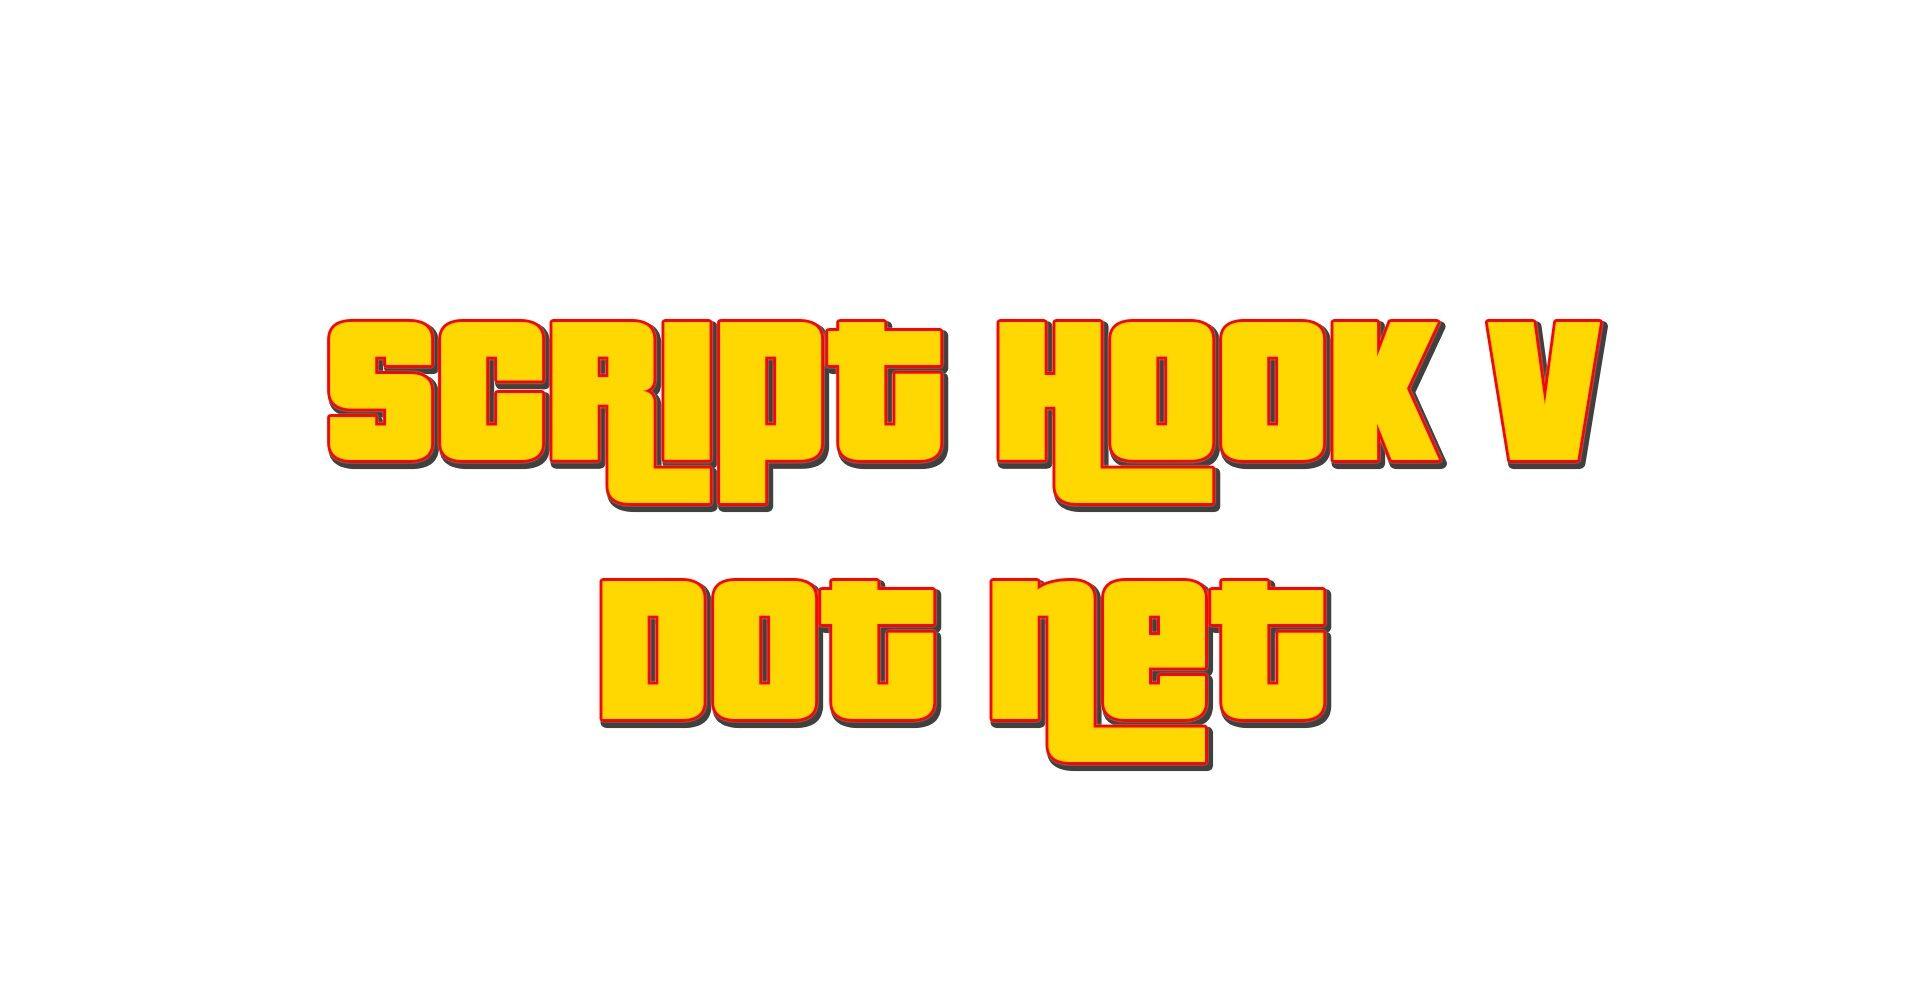 ScriptHookVDotNet v2 5 & ScriptHookVDotNet v2 5 1 has been released